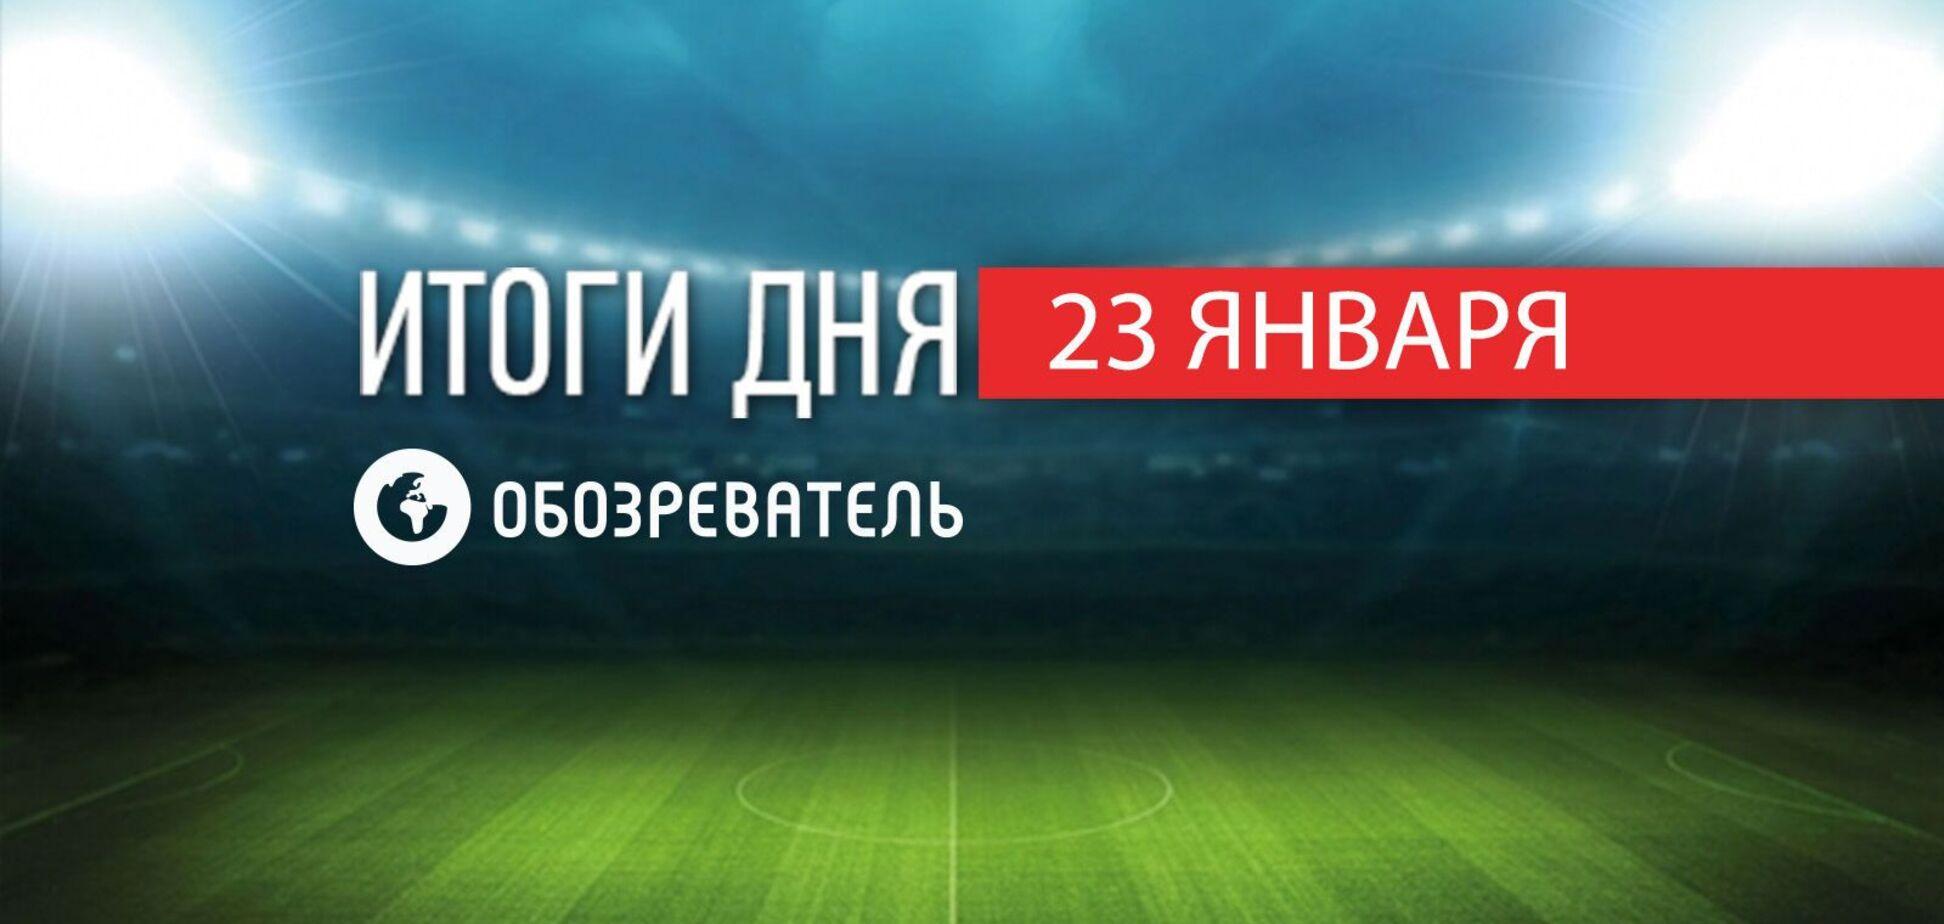 Названа 'роковая ошибка' Шевченко: спортивные итоги 23 января